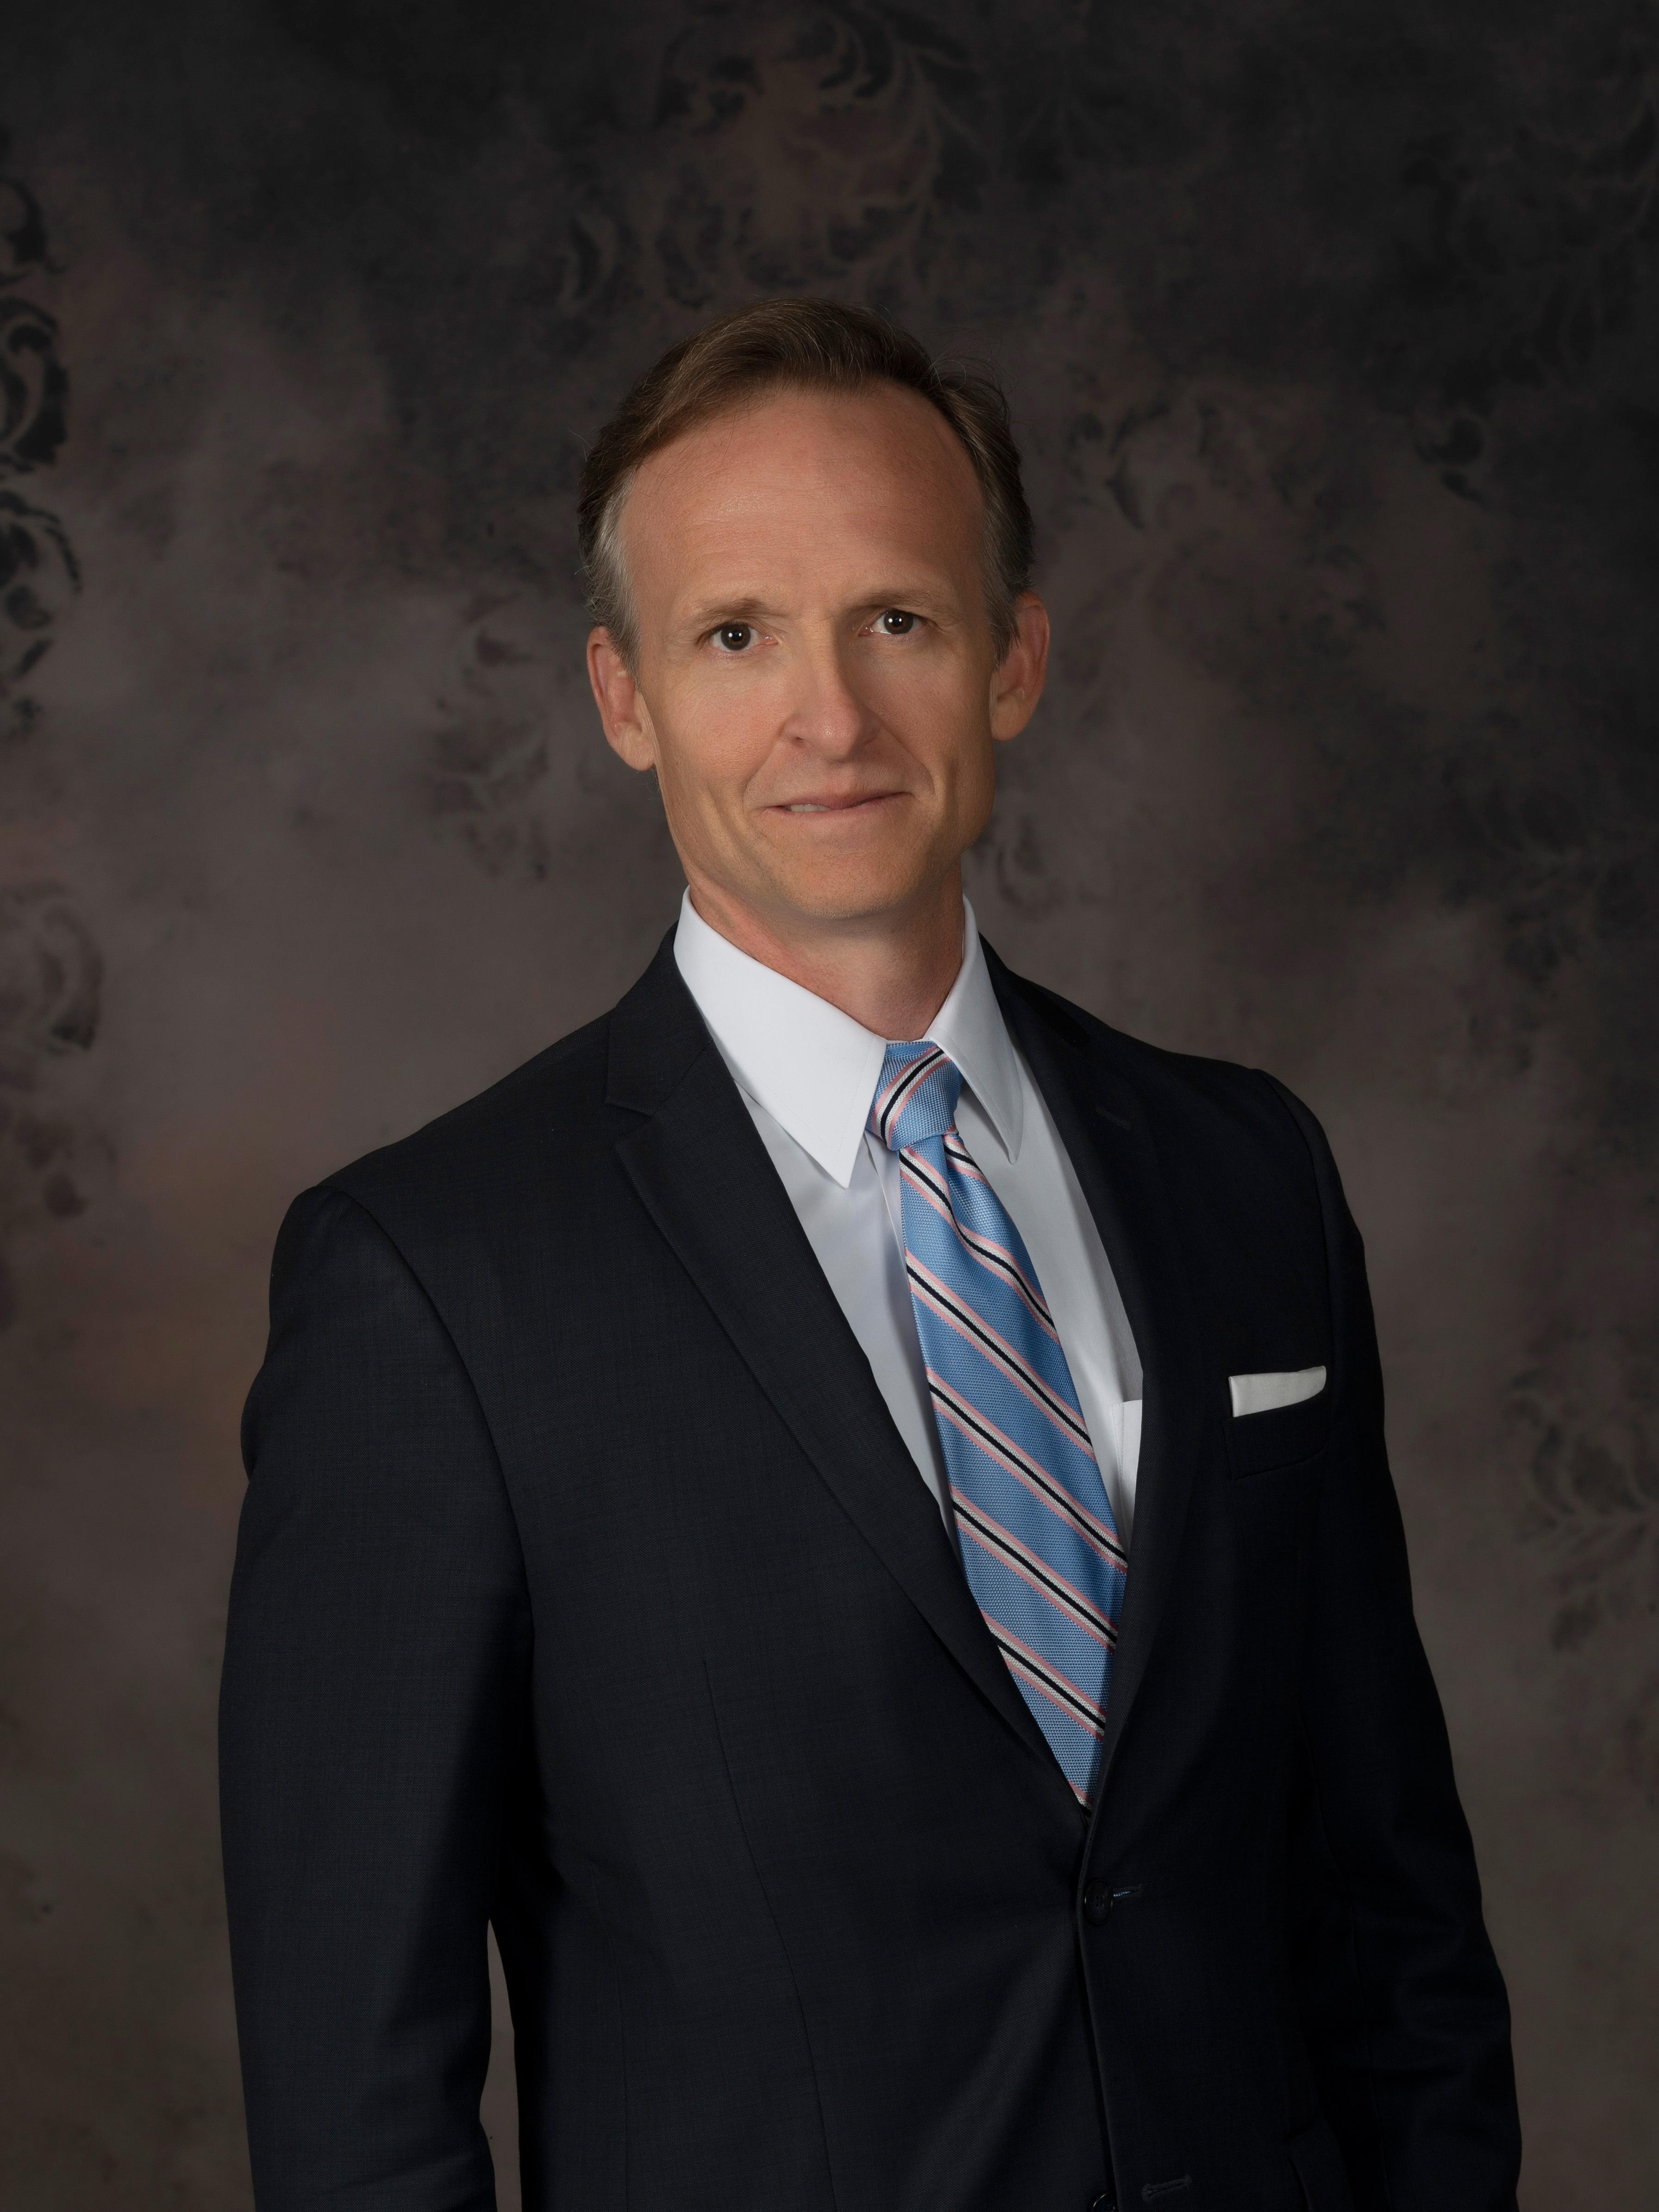 Mark G. Childers